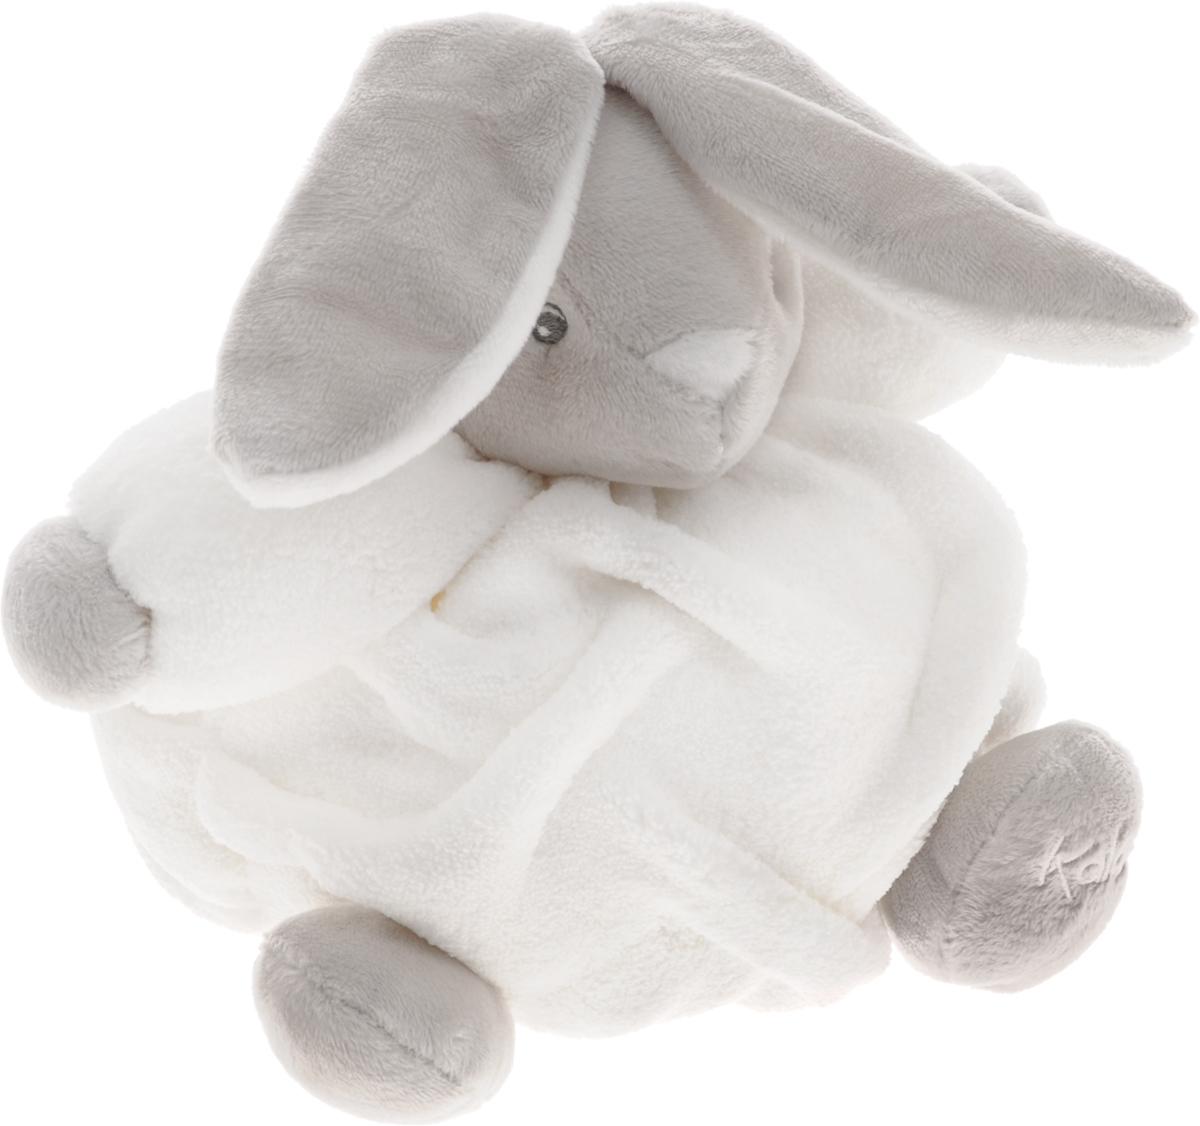 Kaloo Мягкая музыкальная игрушка Заяц цвет белый серый 17 смK962316Очаровательный мягкий музыкальный зайчонок Kaloo надолго станет постоянным спутником малыша и позволит ему сладко уснуть. Игрушка выполнена из качественных и безопасных для здоровья детей материалов, которые не вызывают аллергии, приятны на ощупь и доставляют большое удовольствие во время игр. Игрушку приятно держать в руках, прижимать к себе и придумывать разнообразные игры. Игры с мягкими игрушками развивают тактильную чувствительность и сенсорное восприятие. Зайчик выполнен в нежных цветах. На обратной стороне игрушки находится маленькая ленточка, потянув за которую, малыш услышит мелодичную колыбельную. Все игрушки Kaloo прошли множественные тесты и соответствуют мировым стандартам безопасности. Именно поэтому все игрушки рекомендованы для детей с рождения, что отличает их от большинства производителей мягких игрушек. Игрушка поставляется в стильной коробке и идеально подходит в качестве подарка.